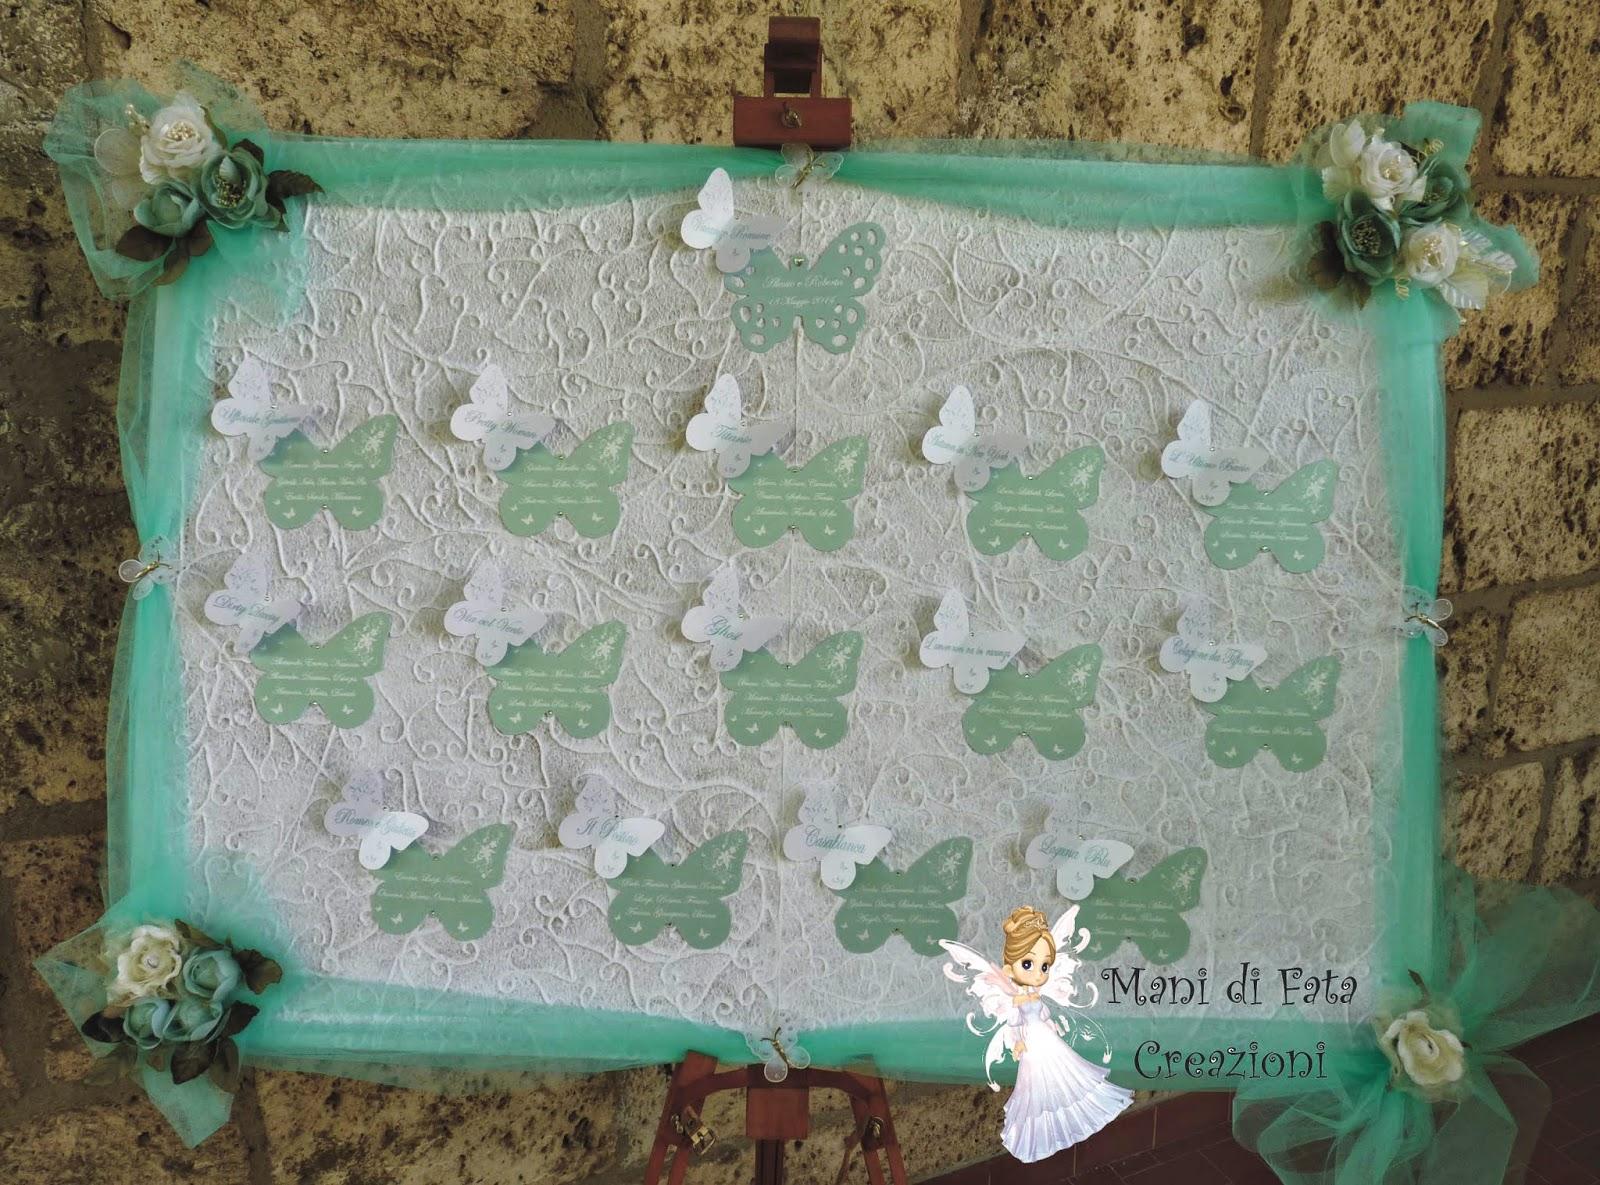 Favorito Mani di Fata Creazioni: Tableau farfalle FS99